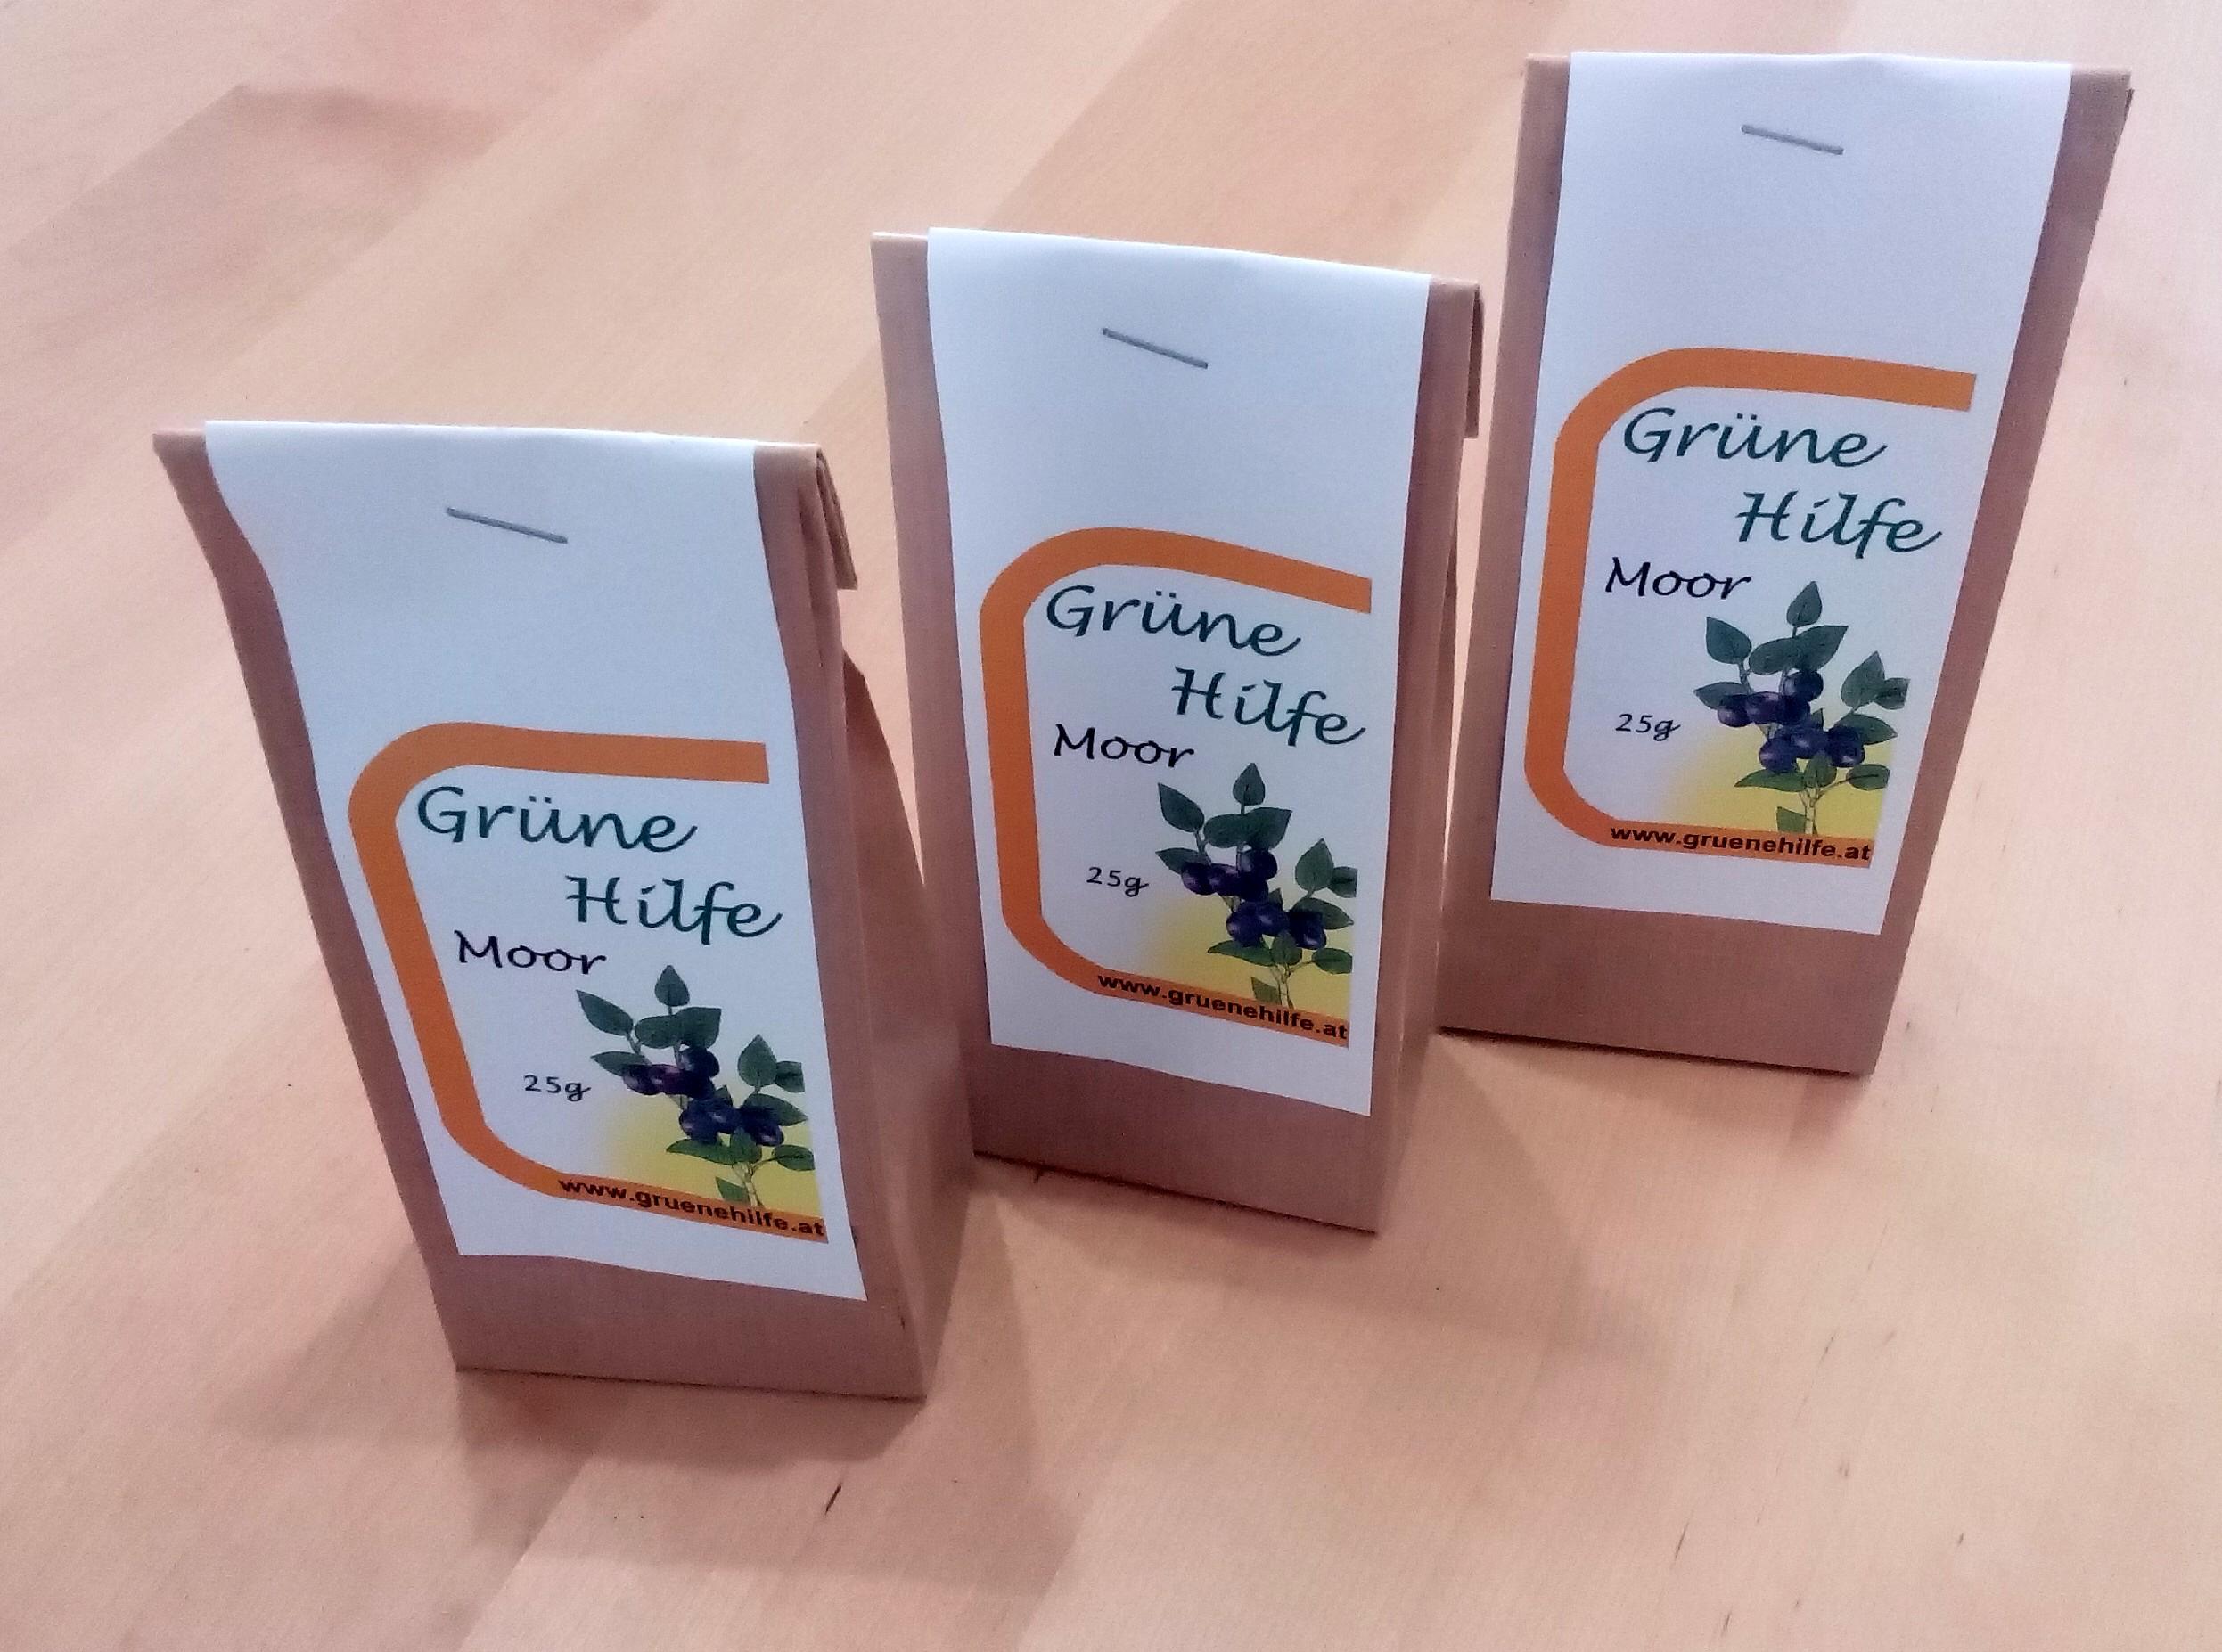 GrüneHilfe Moor Trio